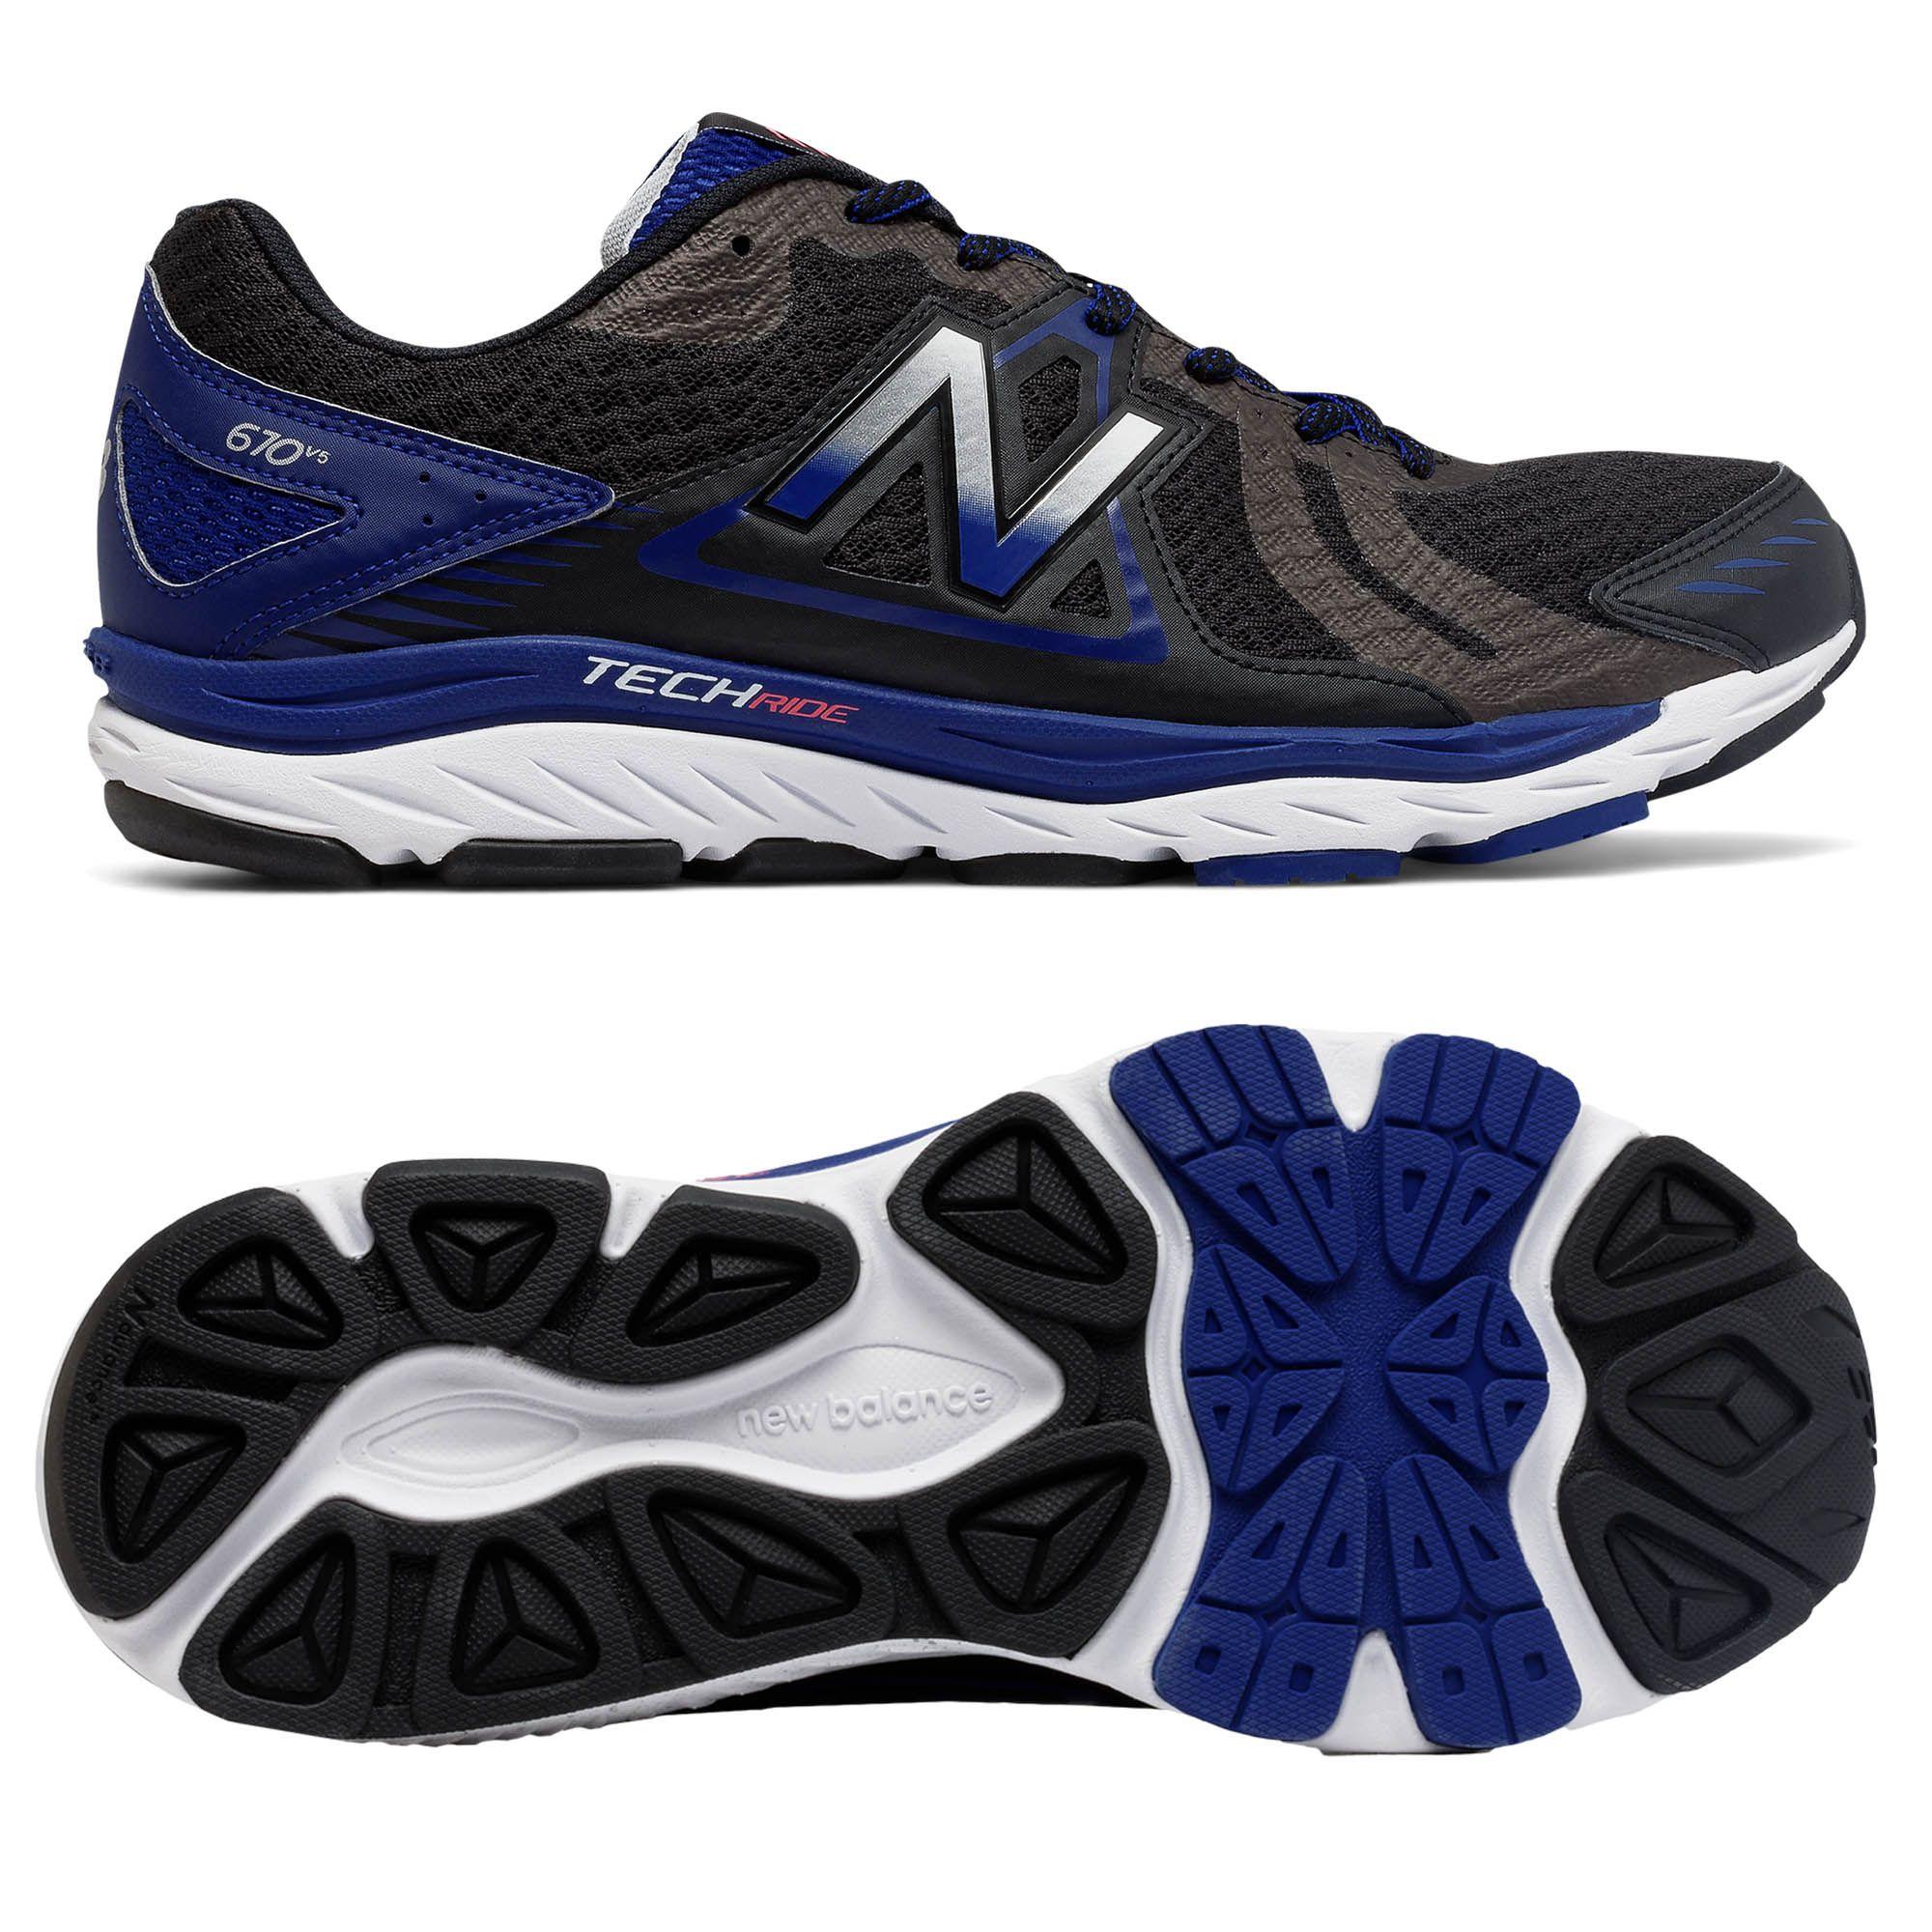 Best Lightweight Stability Running Shoes